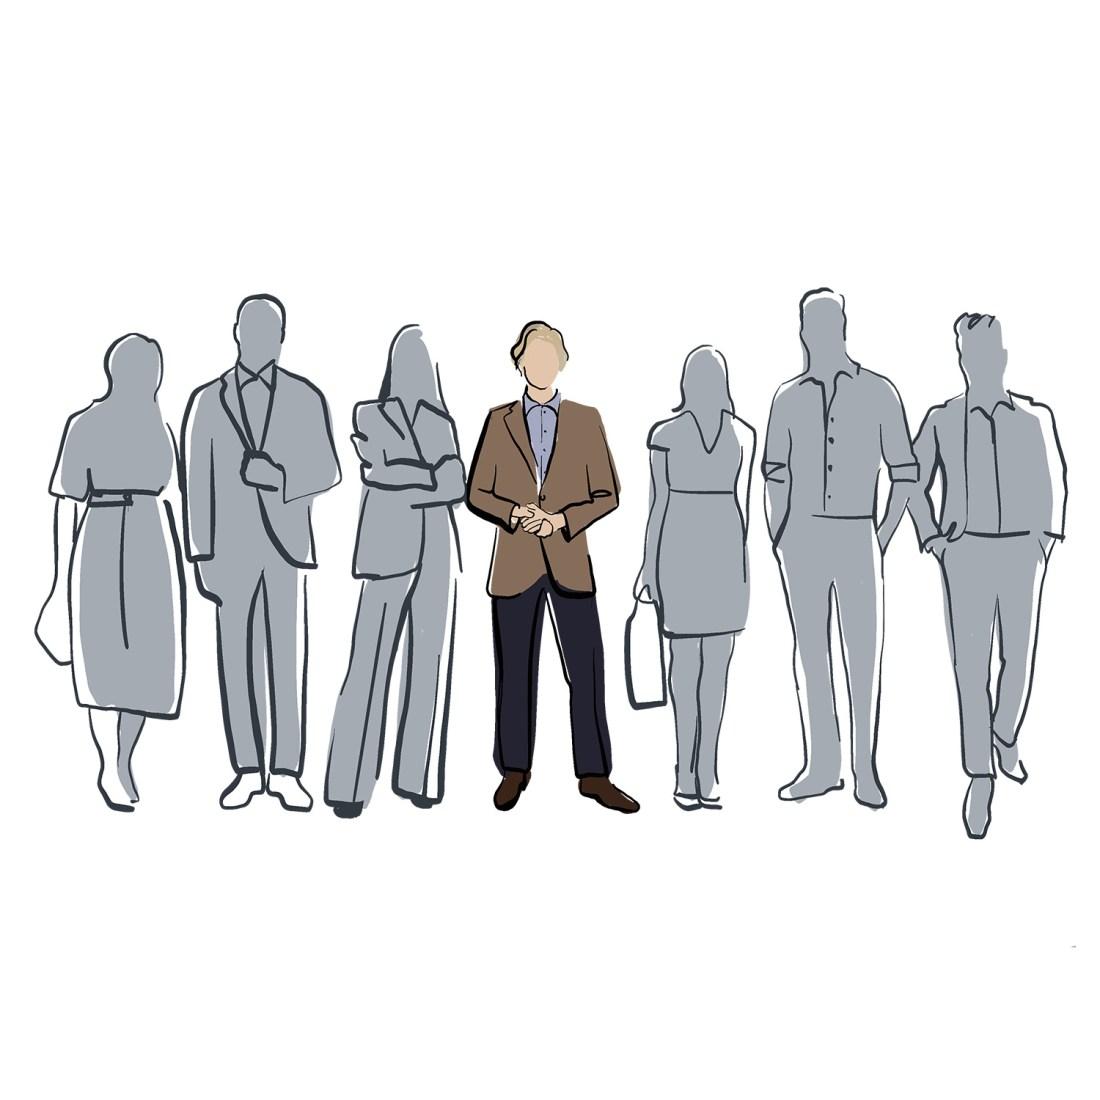 Asuwahl Mitarbeiter Bewerberauswahlprozesse